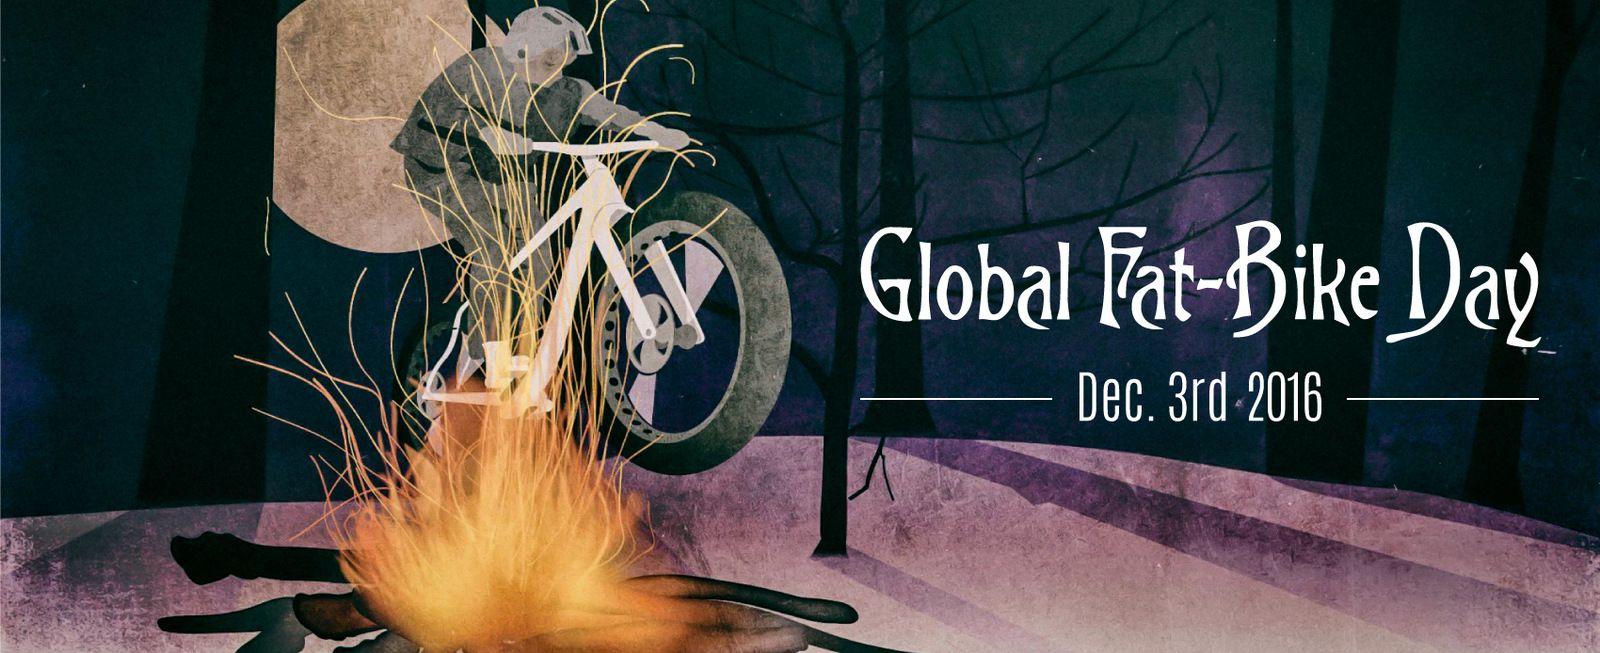 global-fat-bike-day-2016-2.jpg